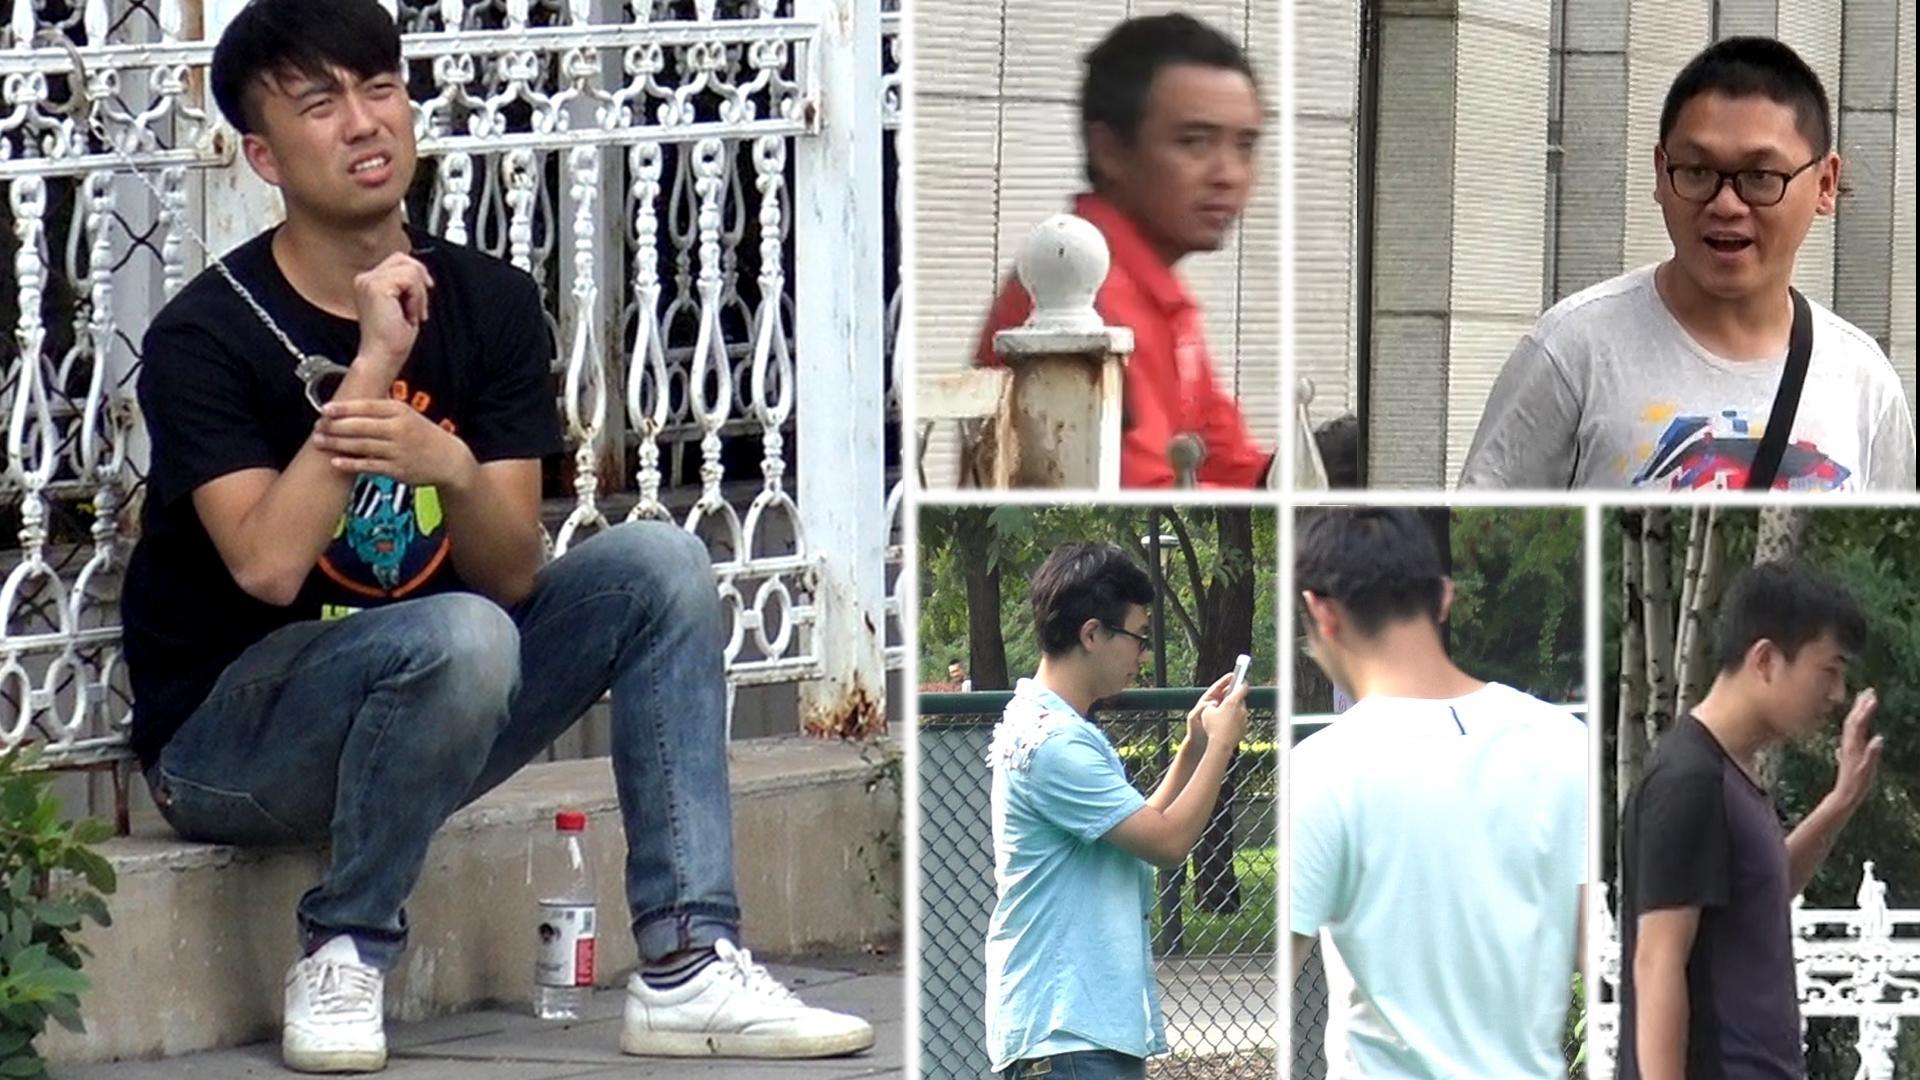 一男子被拷在铁网上,竟没有一个人想救!